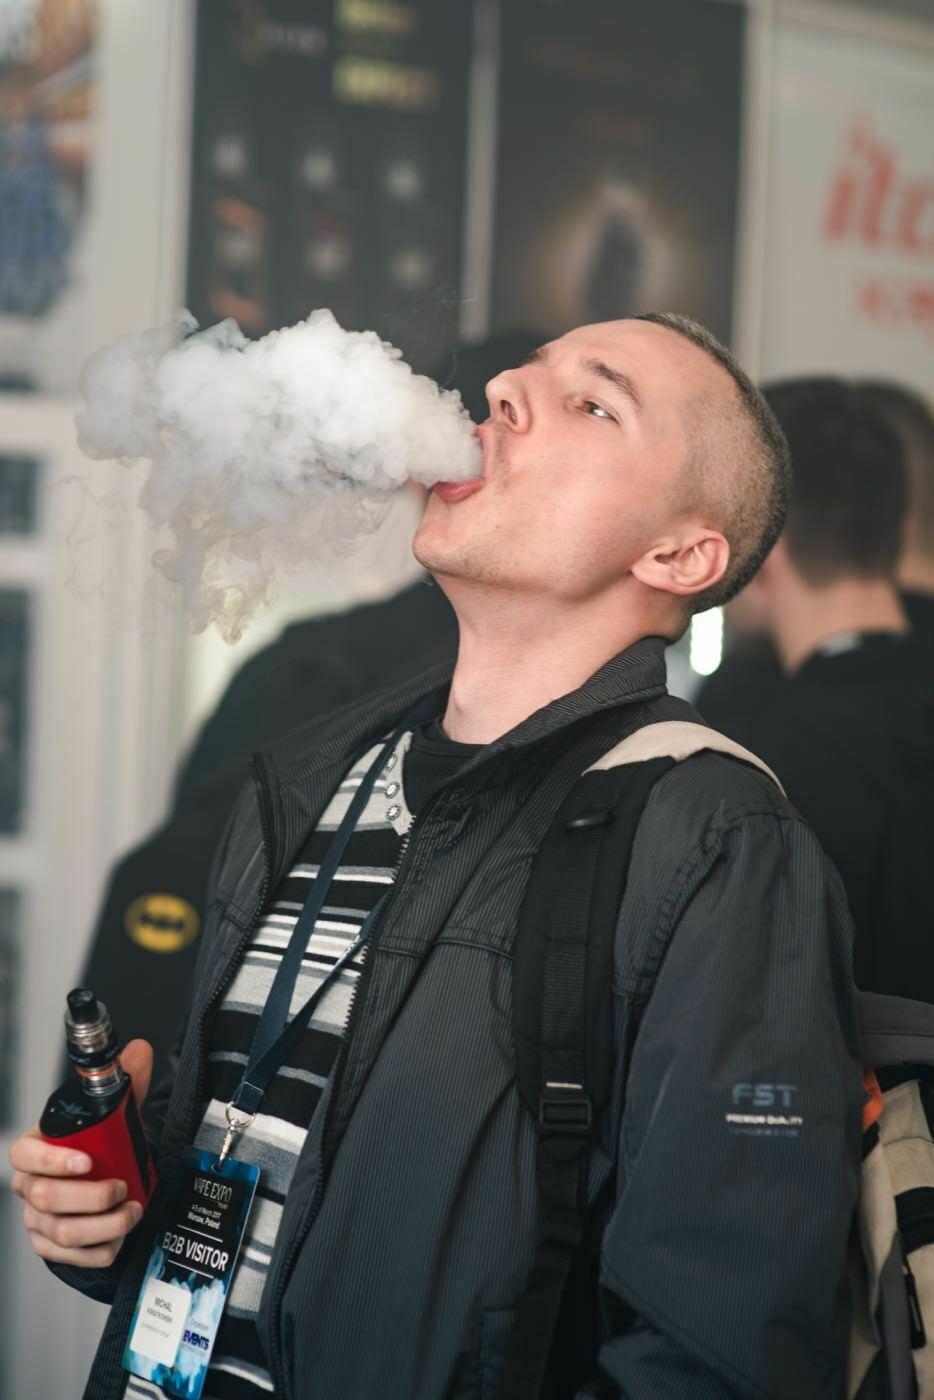 chłopak wypuszcza chmurę dymu paląc e-papierosa